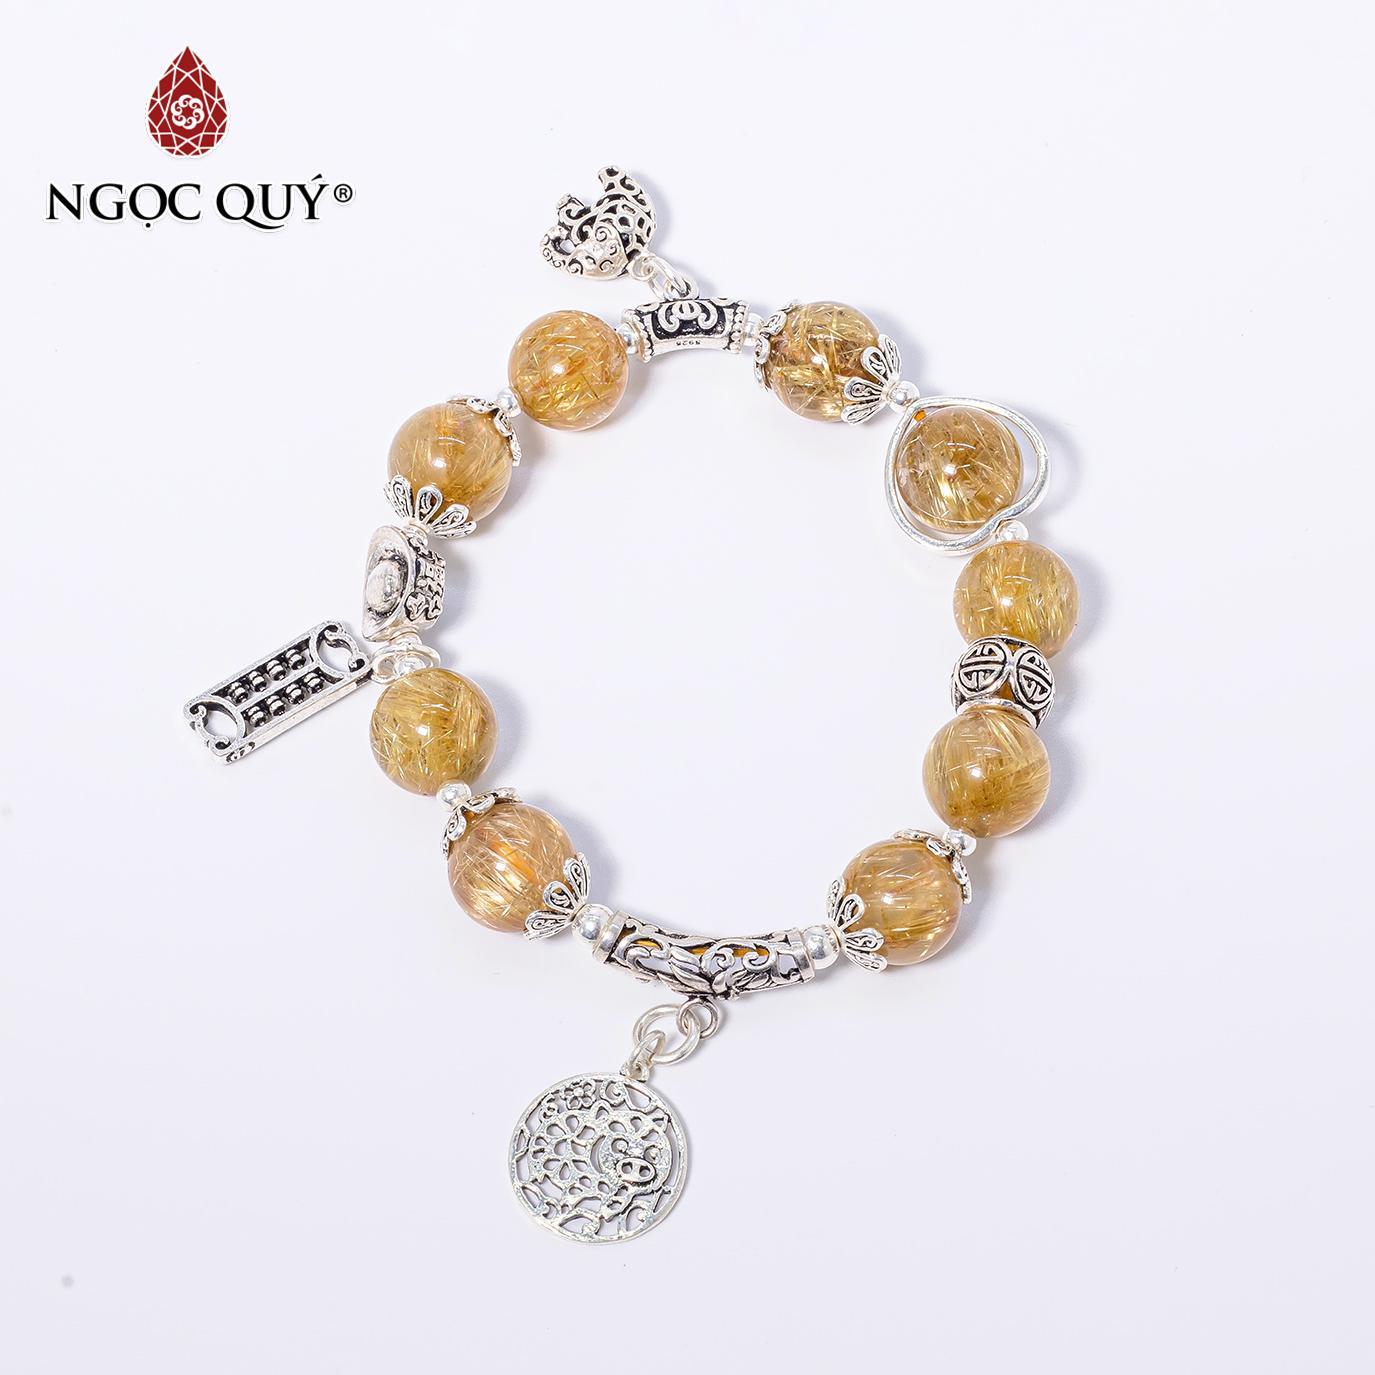 Vòng tay đá thạch anh tóc vàng AAA+ charm bạc 10mm mệnh thủy,kim (màu vàng) - Ngọc Quý Gemstones